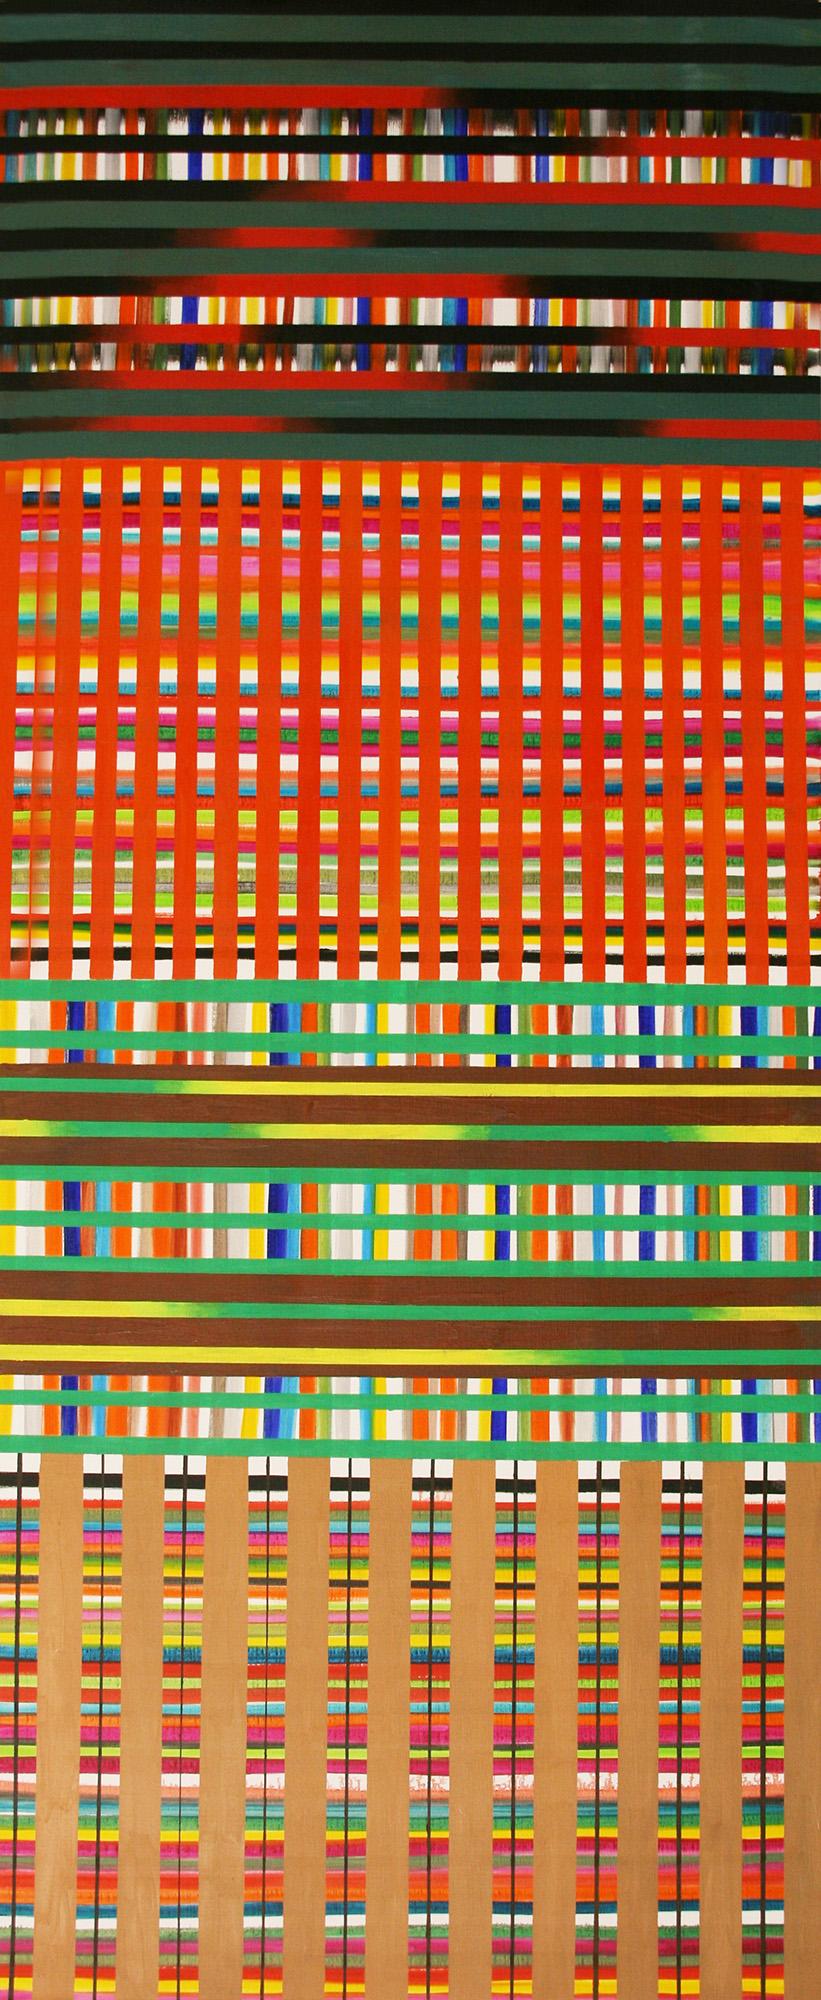 Geom 6 -oil on canvas 200 x 81 cm- 2016 Miquel Gelabert